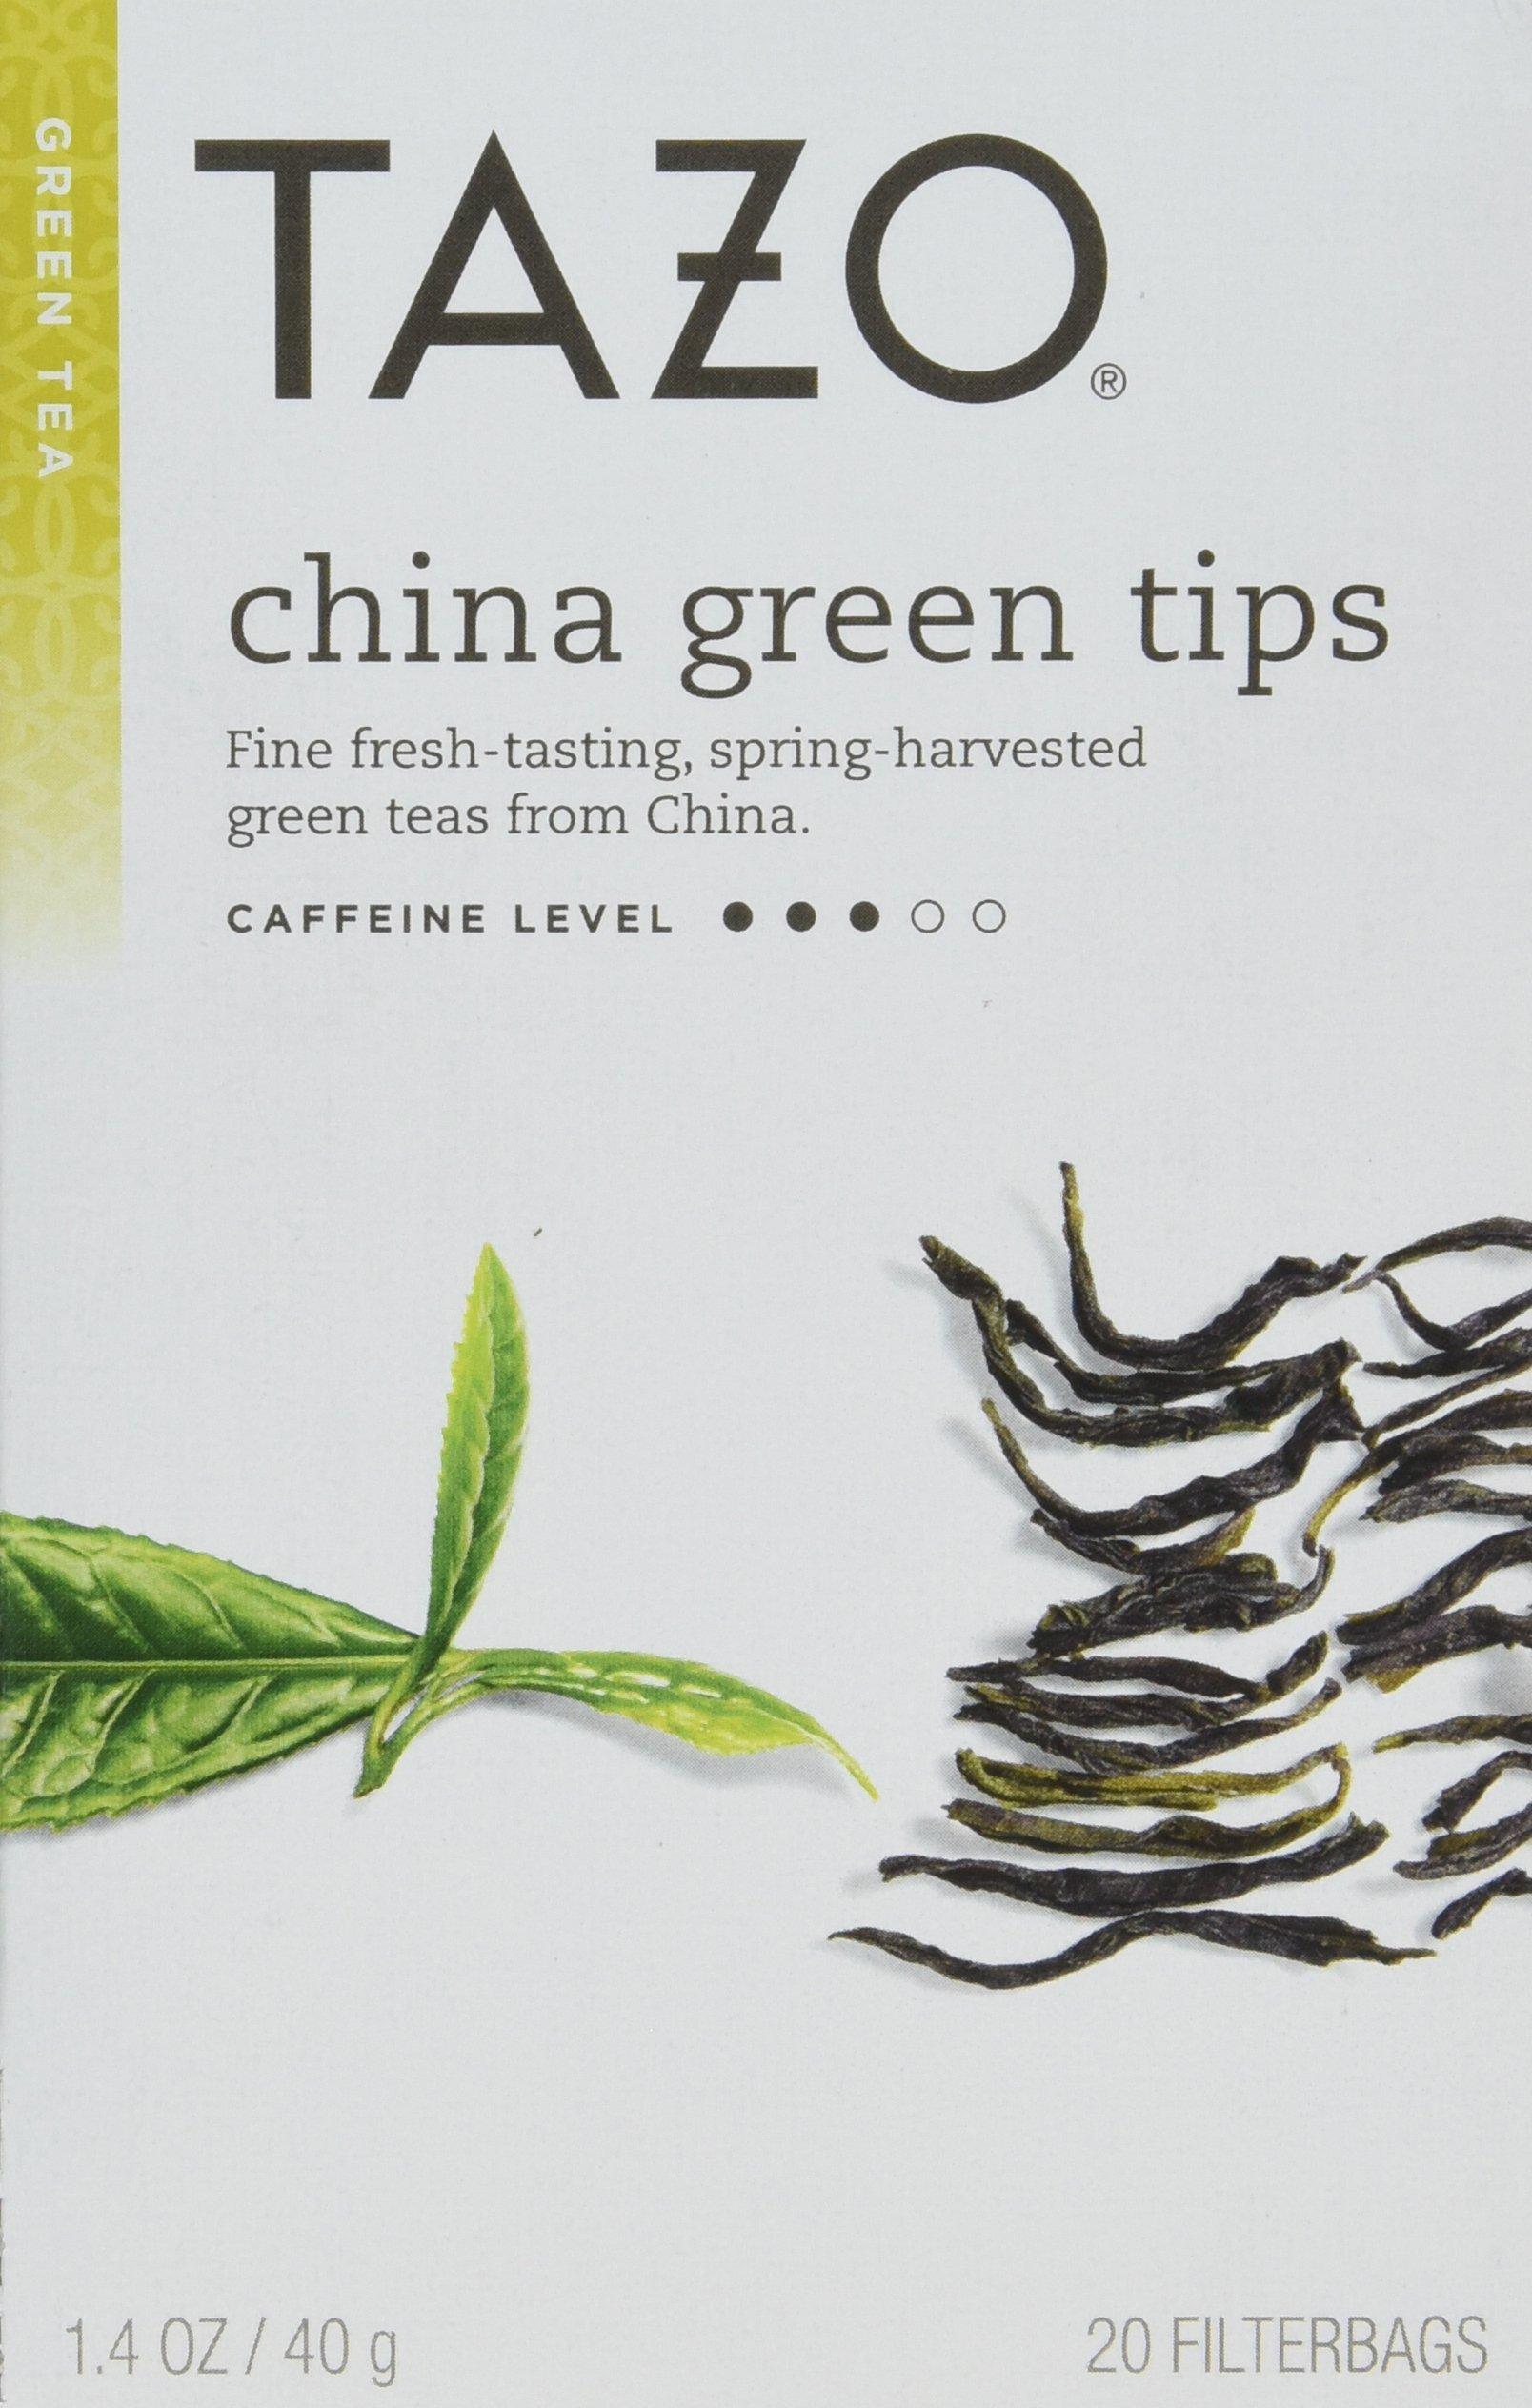 Tazo China Tips Green Tea - 6 per case.